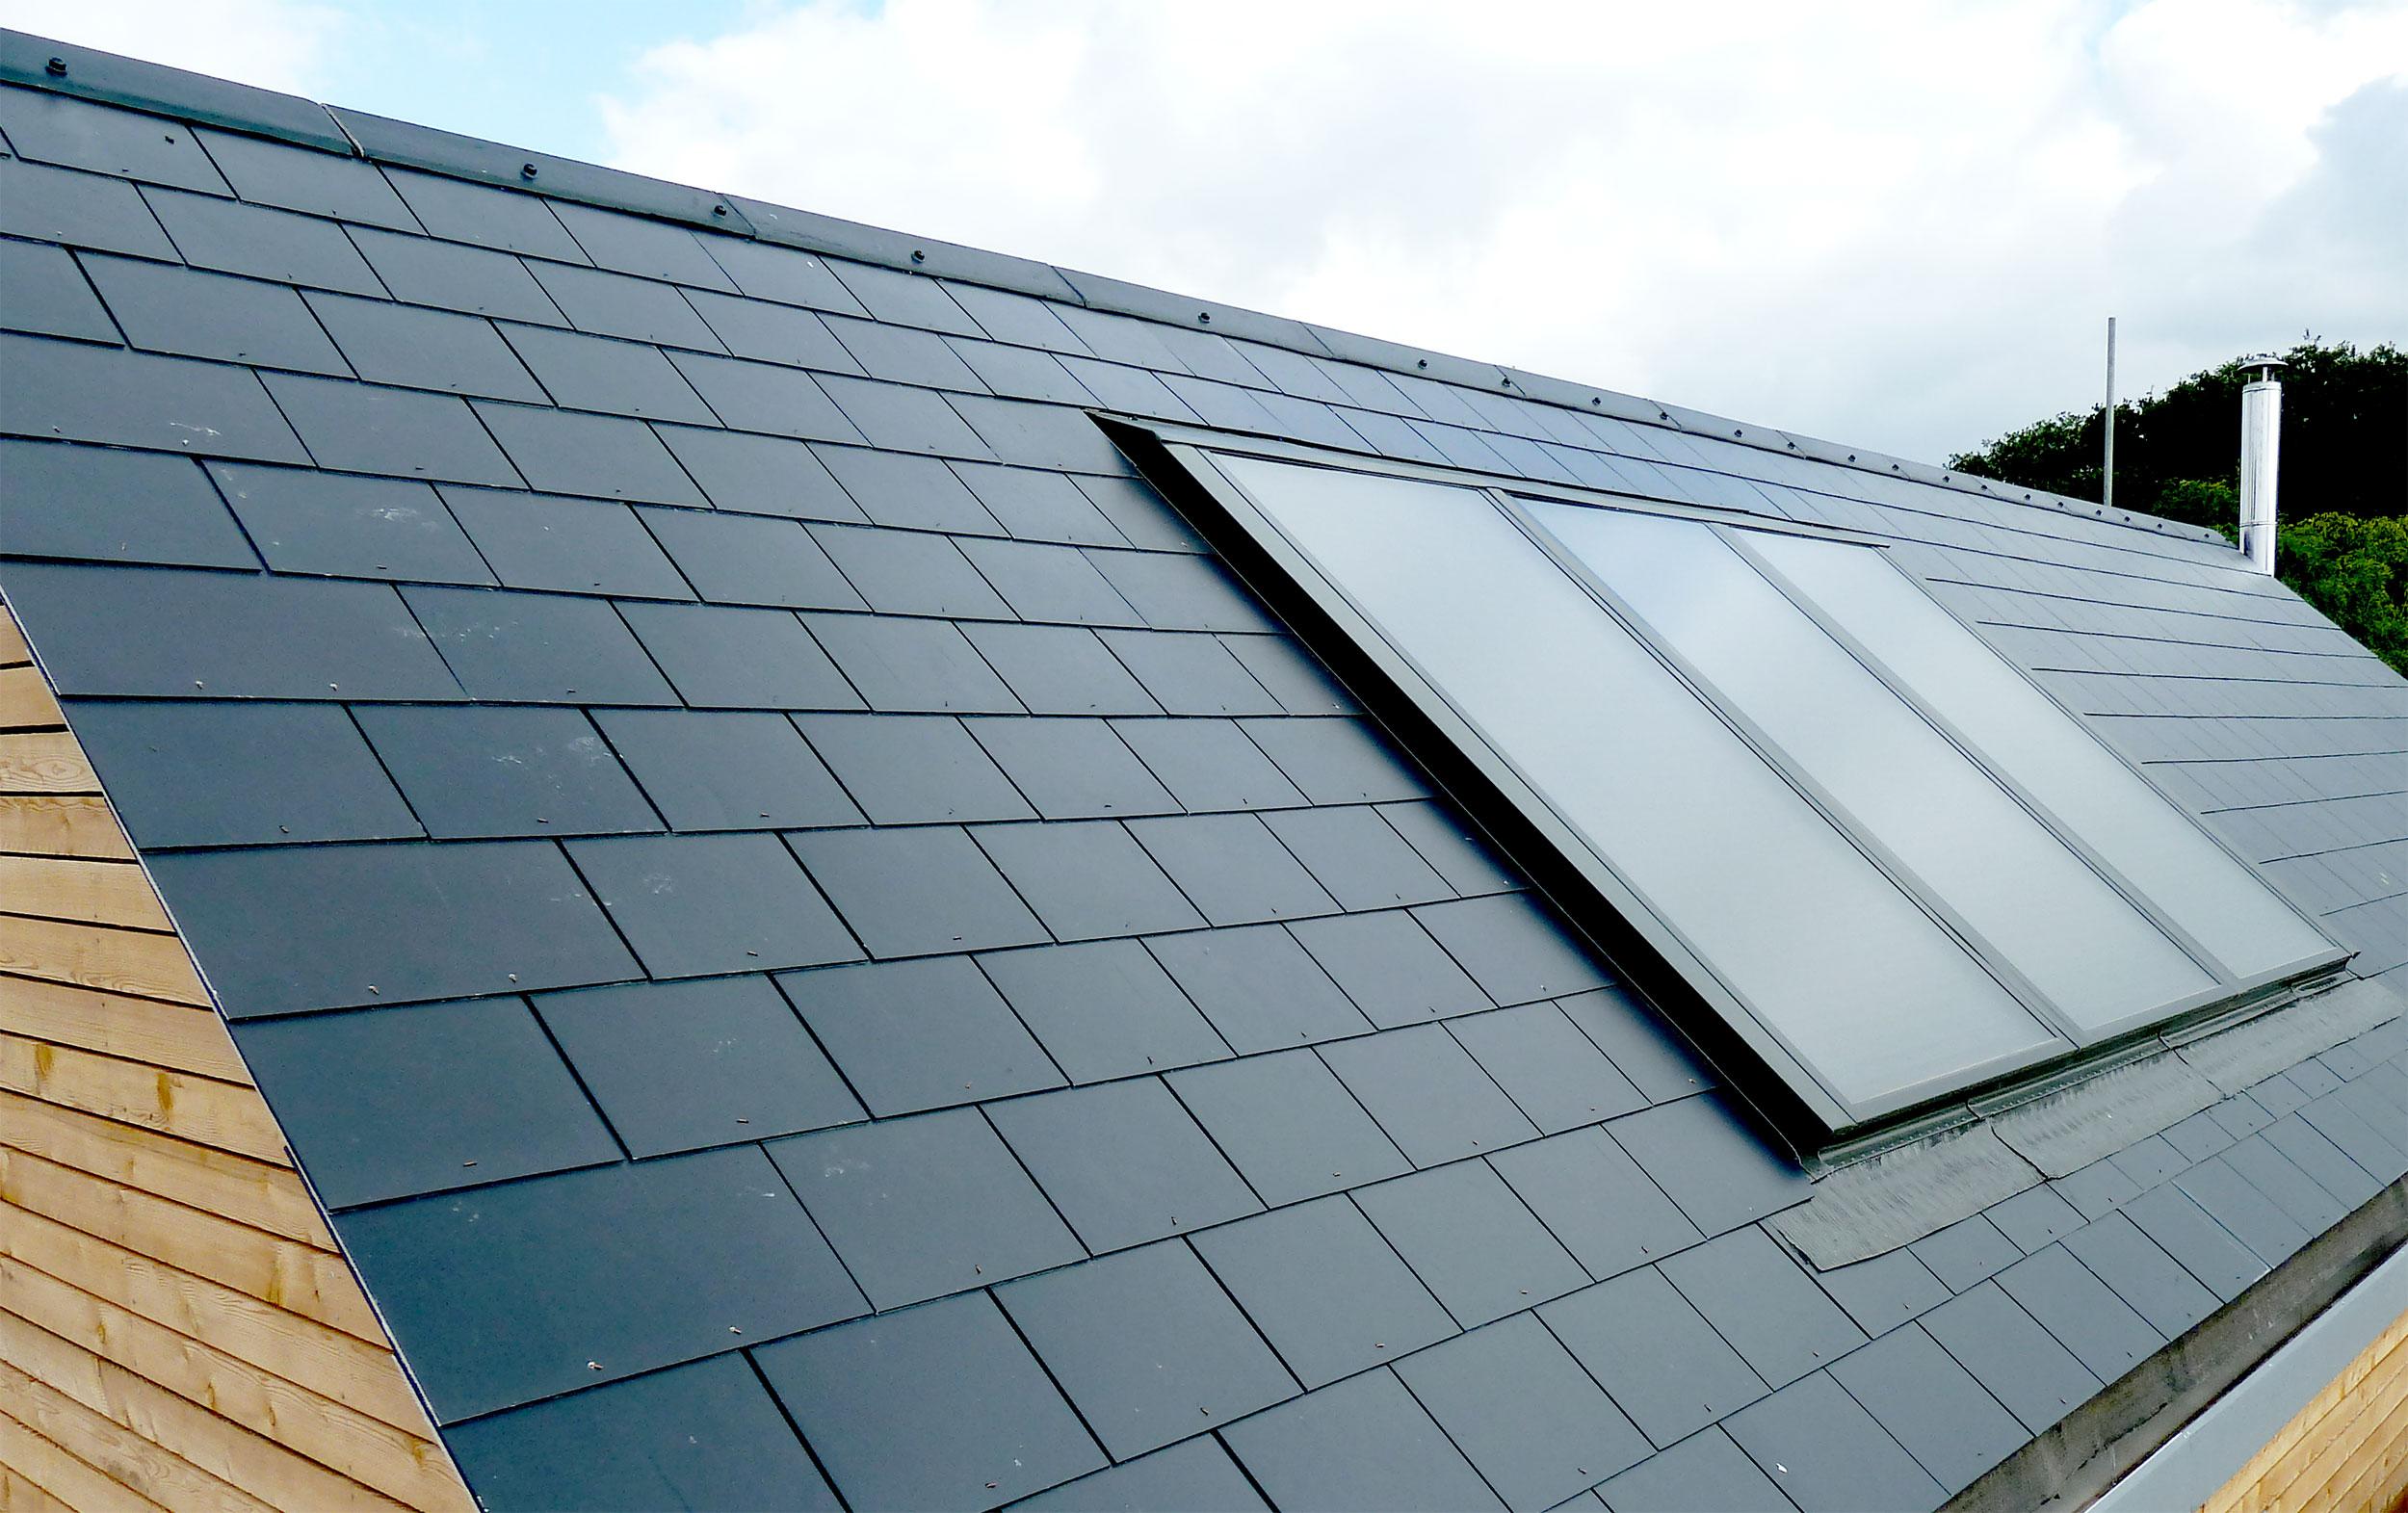 Larchwood dwelling modece architects suffolk bury st edmunds sustainable eco roof